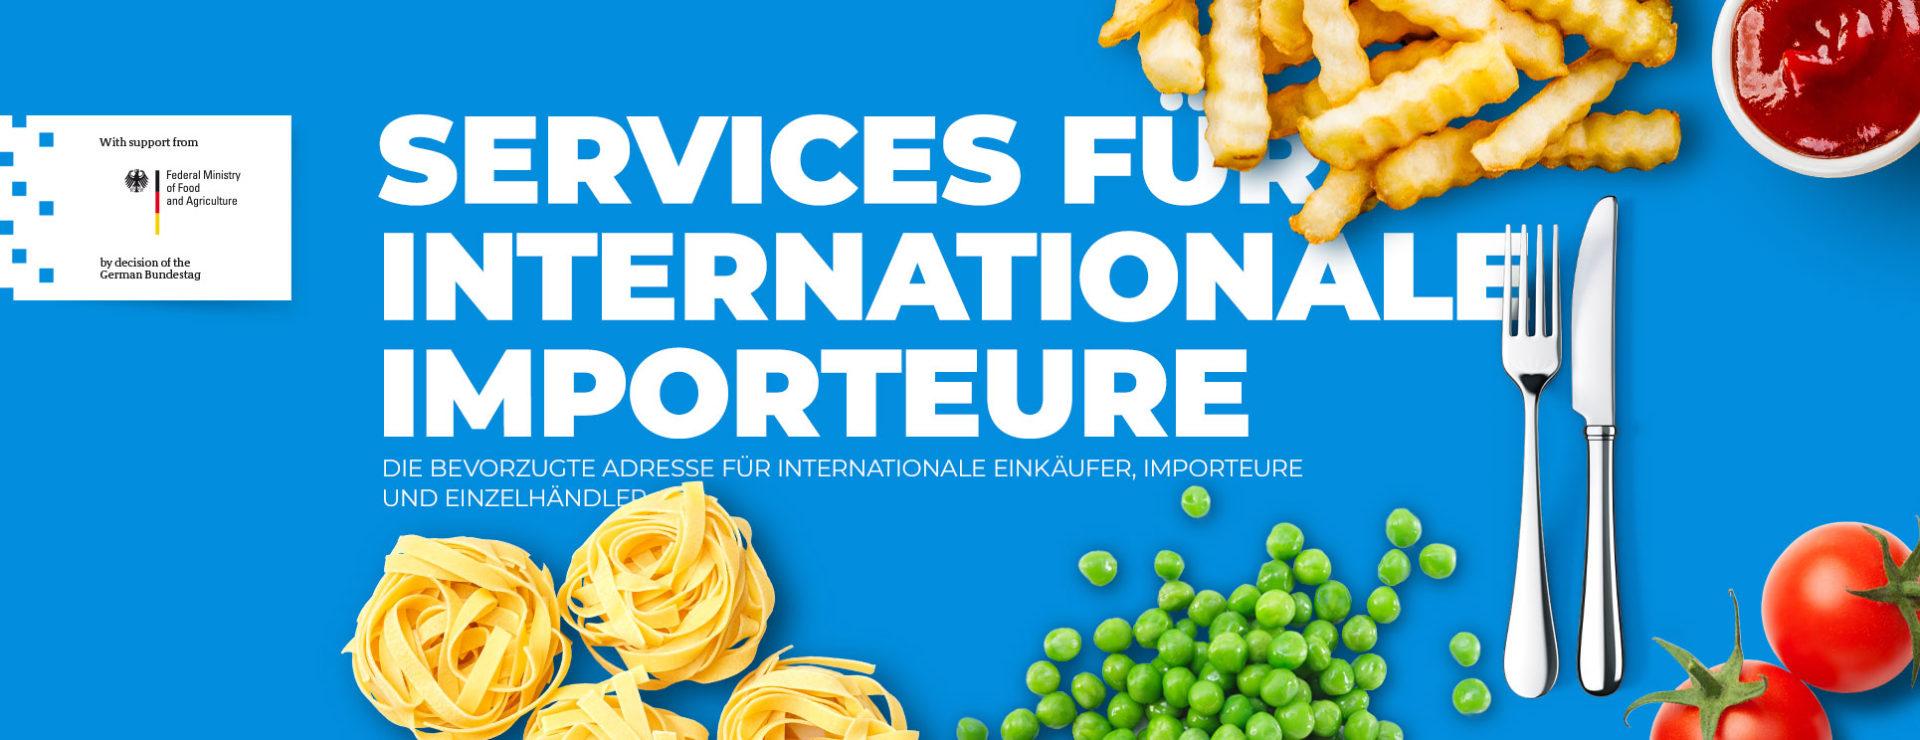 Services für internationale Importeure